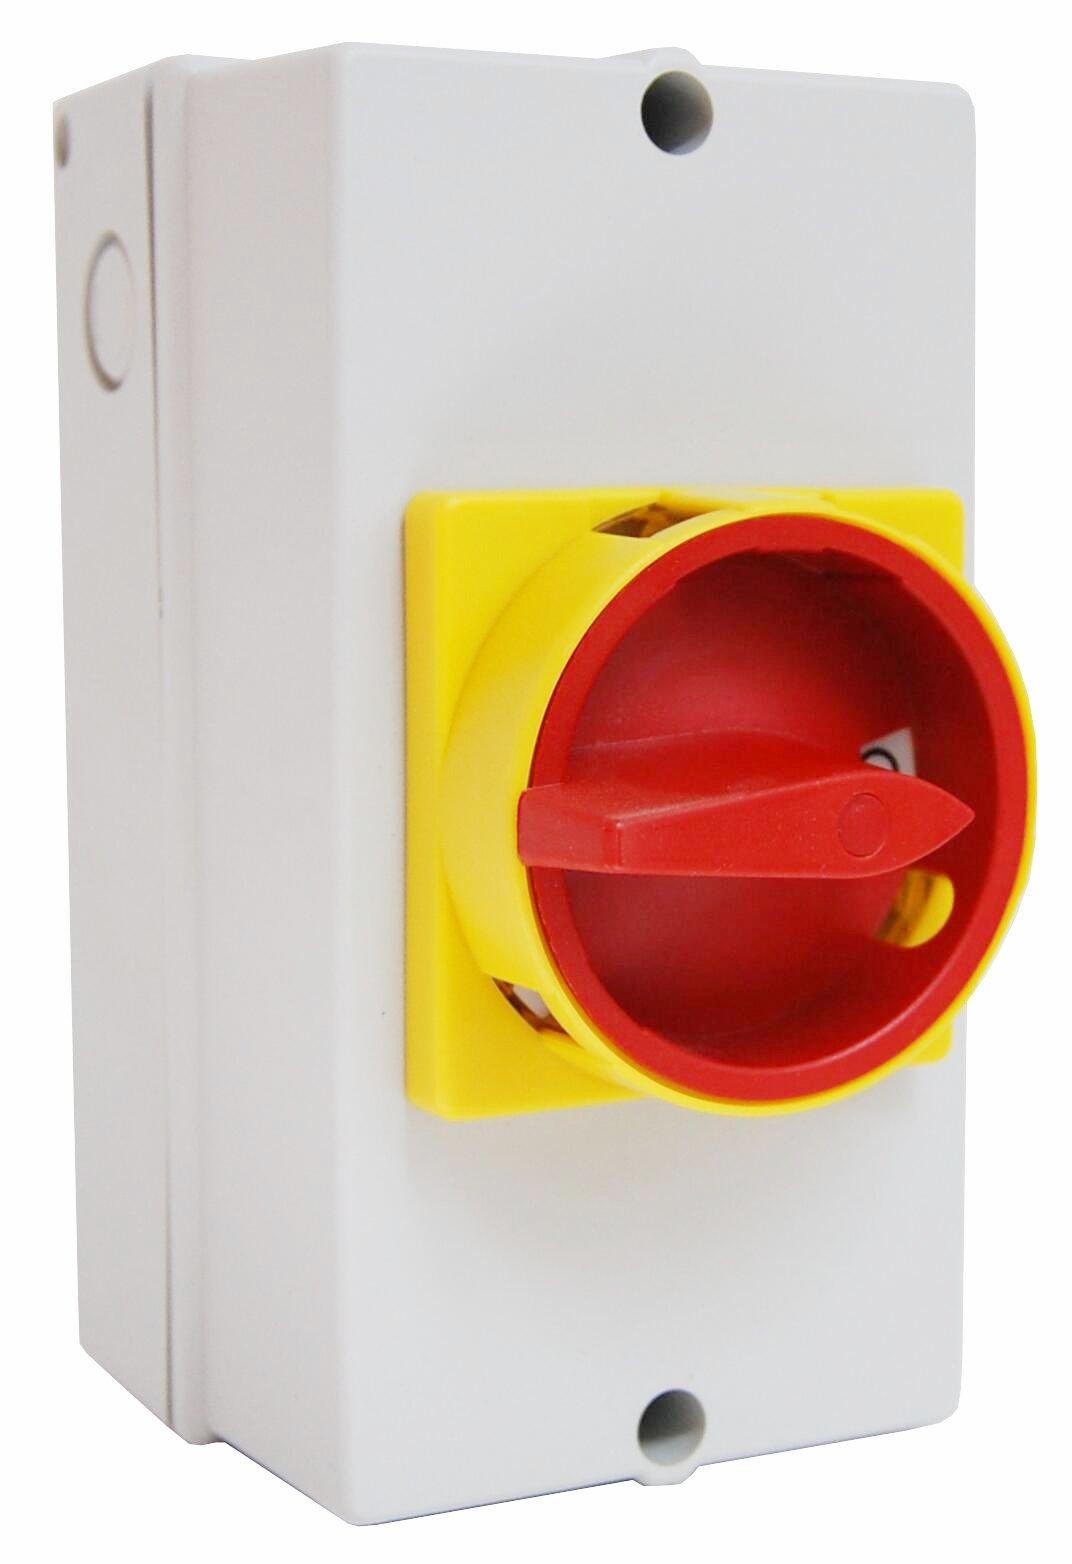 1 Stk Not-Aus-Schalter, 4-polig ohne Hilfskontakte PE-Klemme, 25A IN892002--